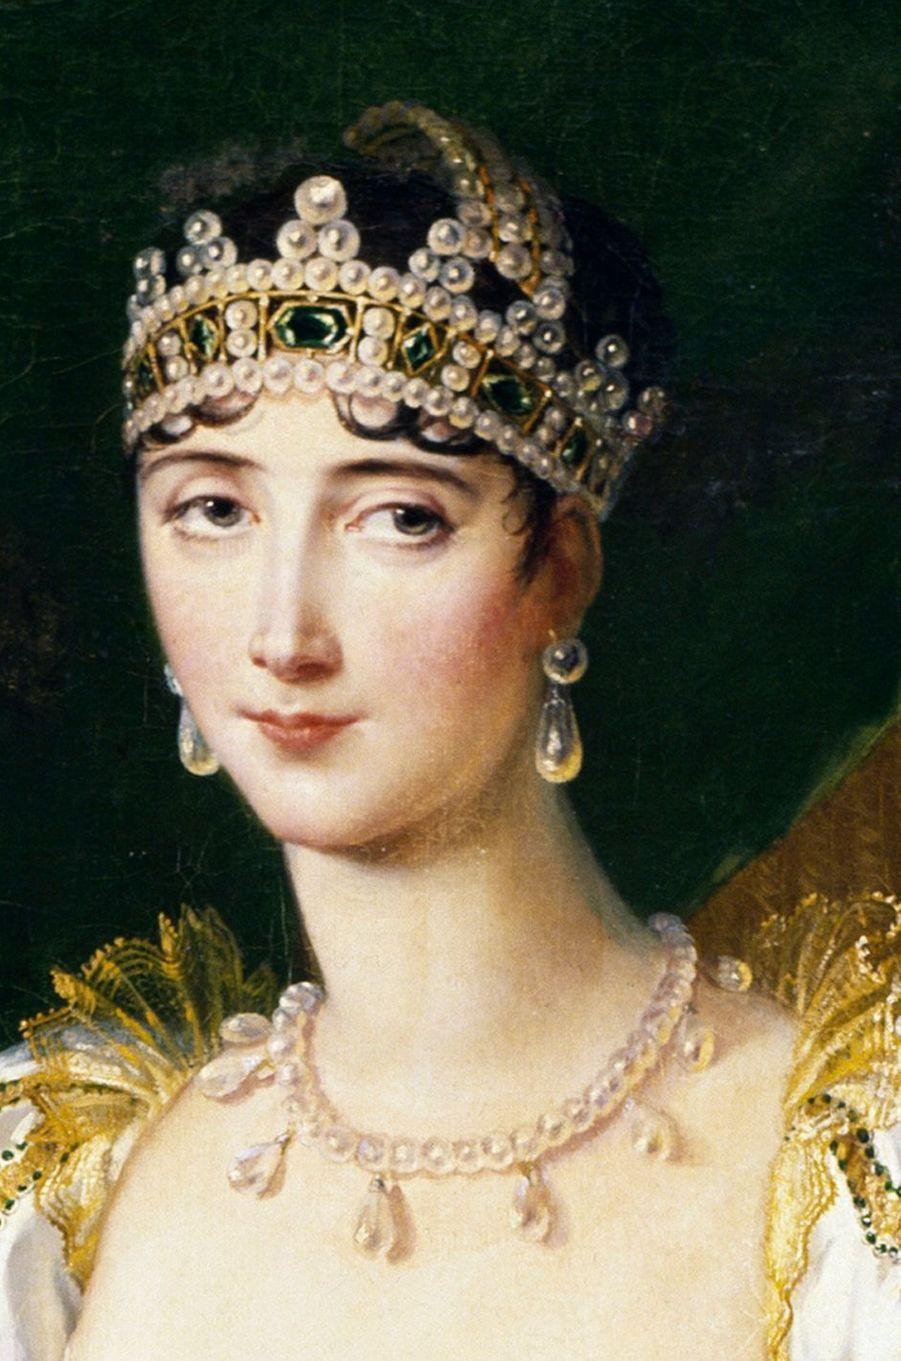 Détail du portrait de Pauline Bonaparte par Marie-Guillemine de Laville Leroux Benoist, 1808 (Musée du château de Fontainebleau)